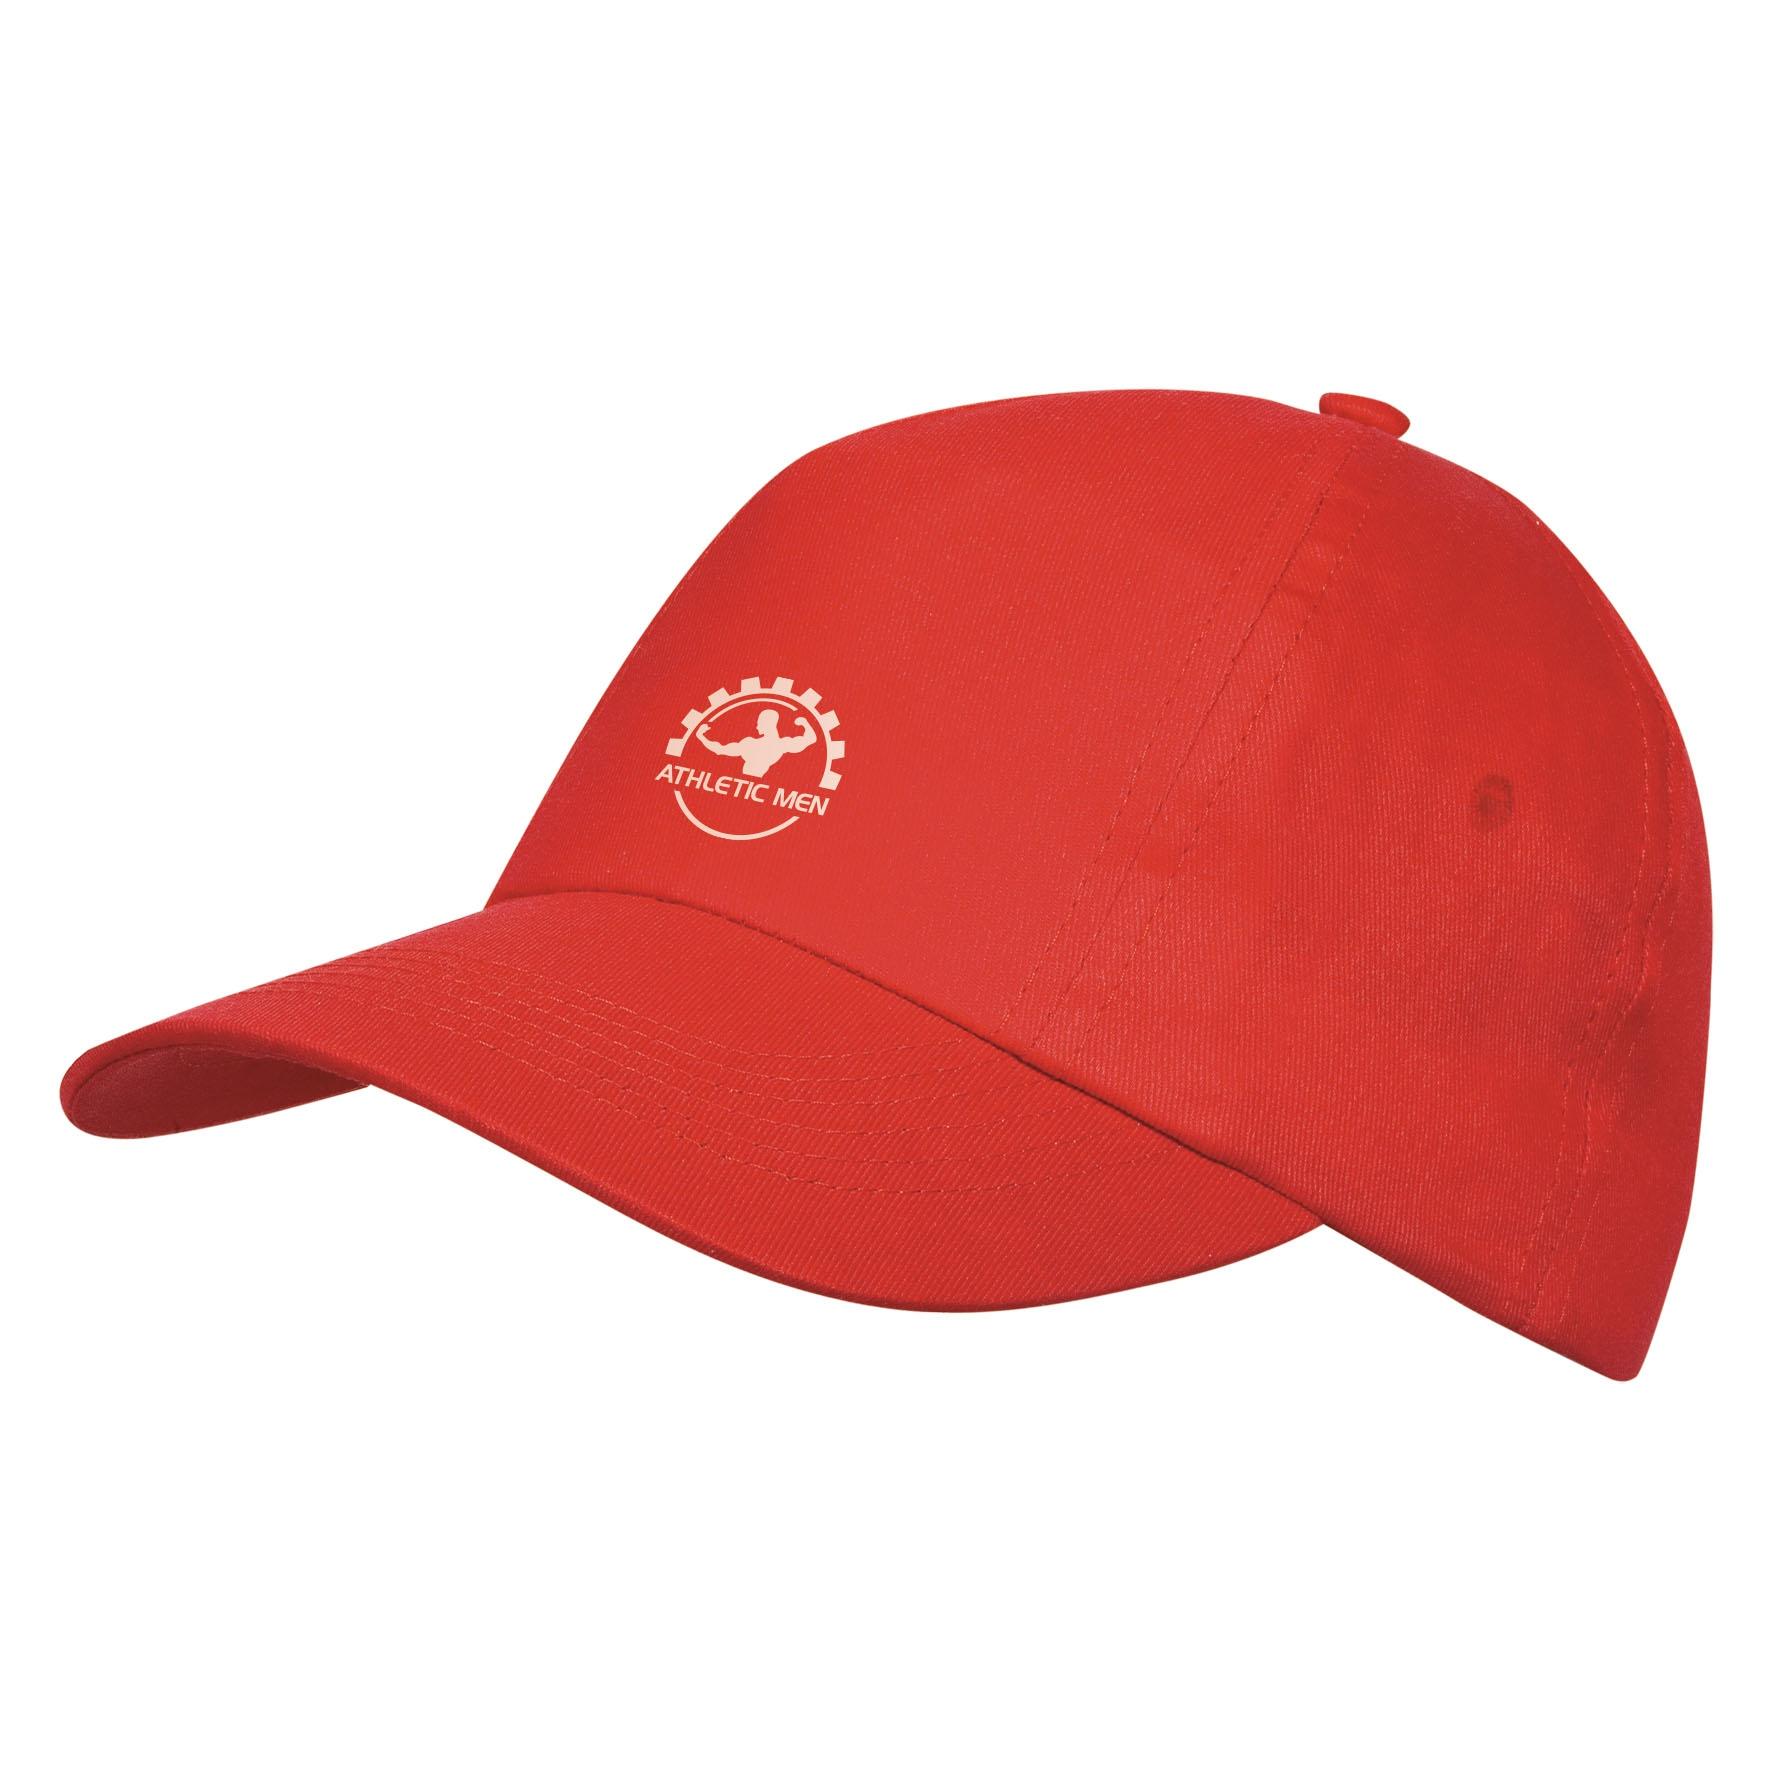 Casquette publicitaire 6 panneaux Decalés - casquette personnalisable